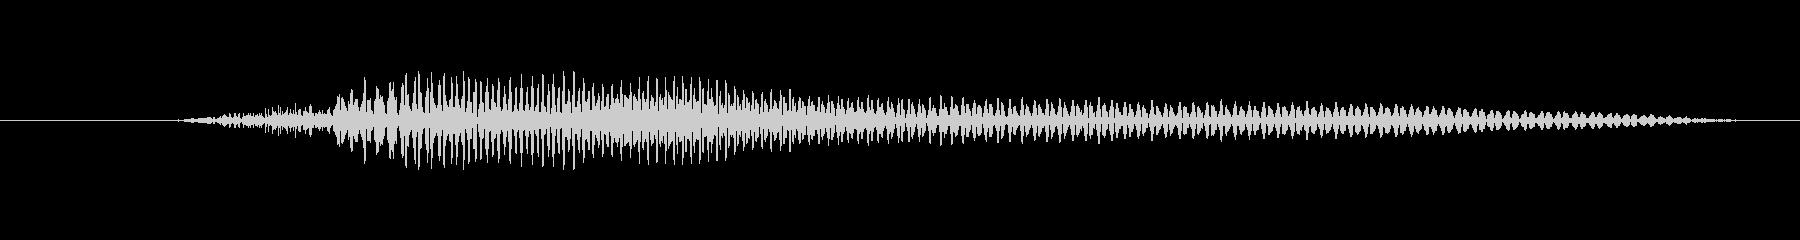 鳴き声 男性のため息感動の穏やかな02の未再生の波形